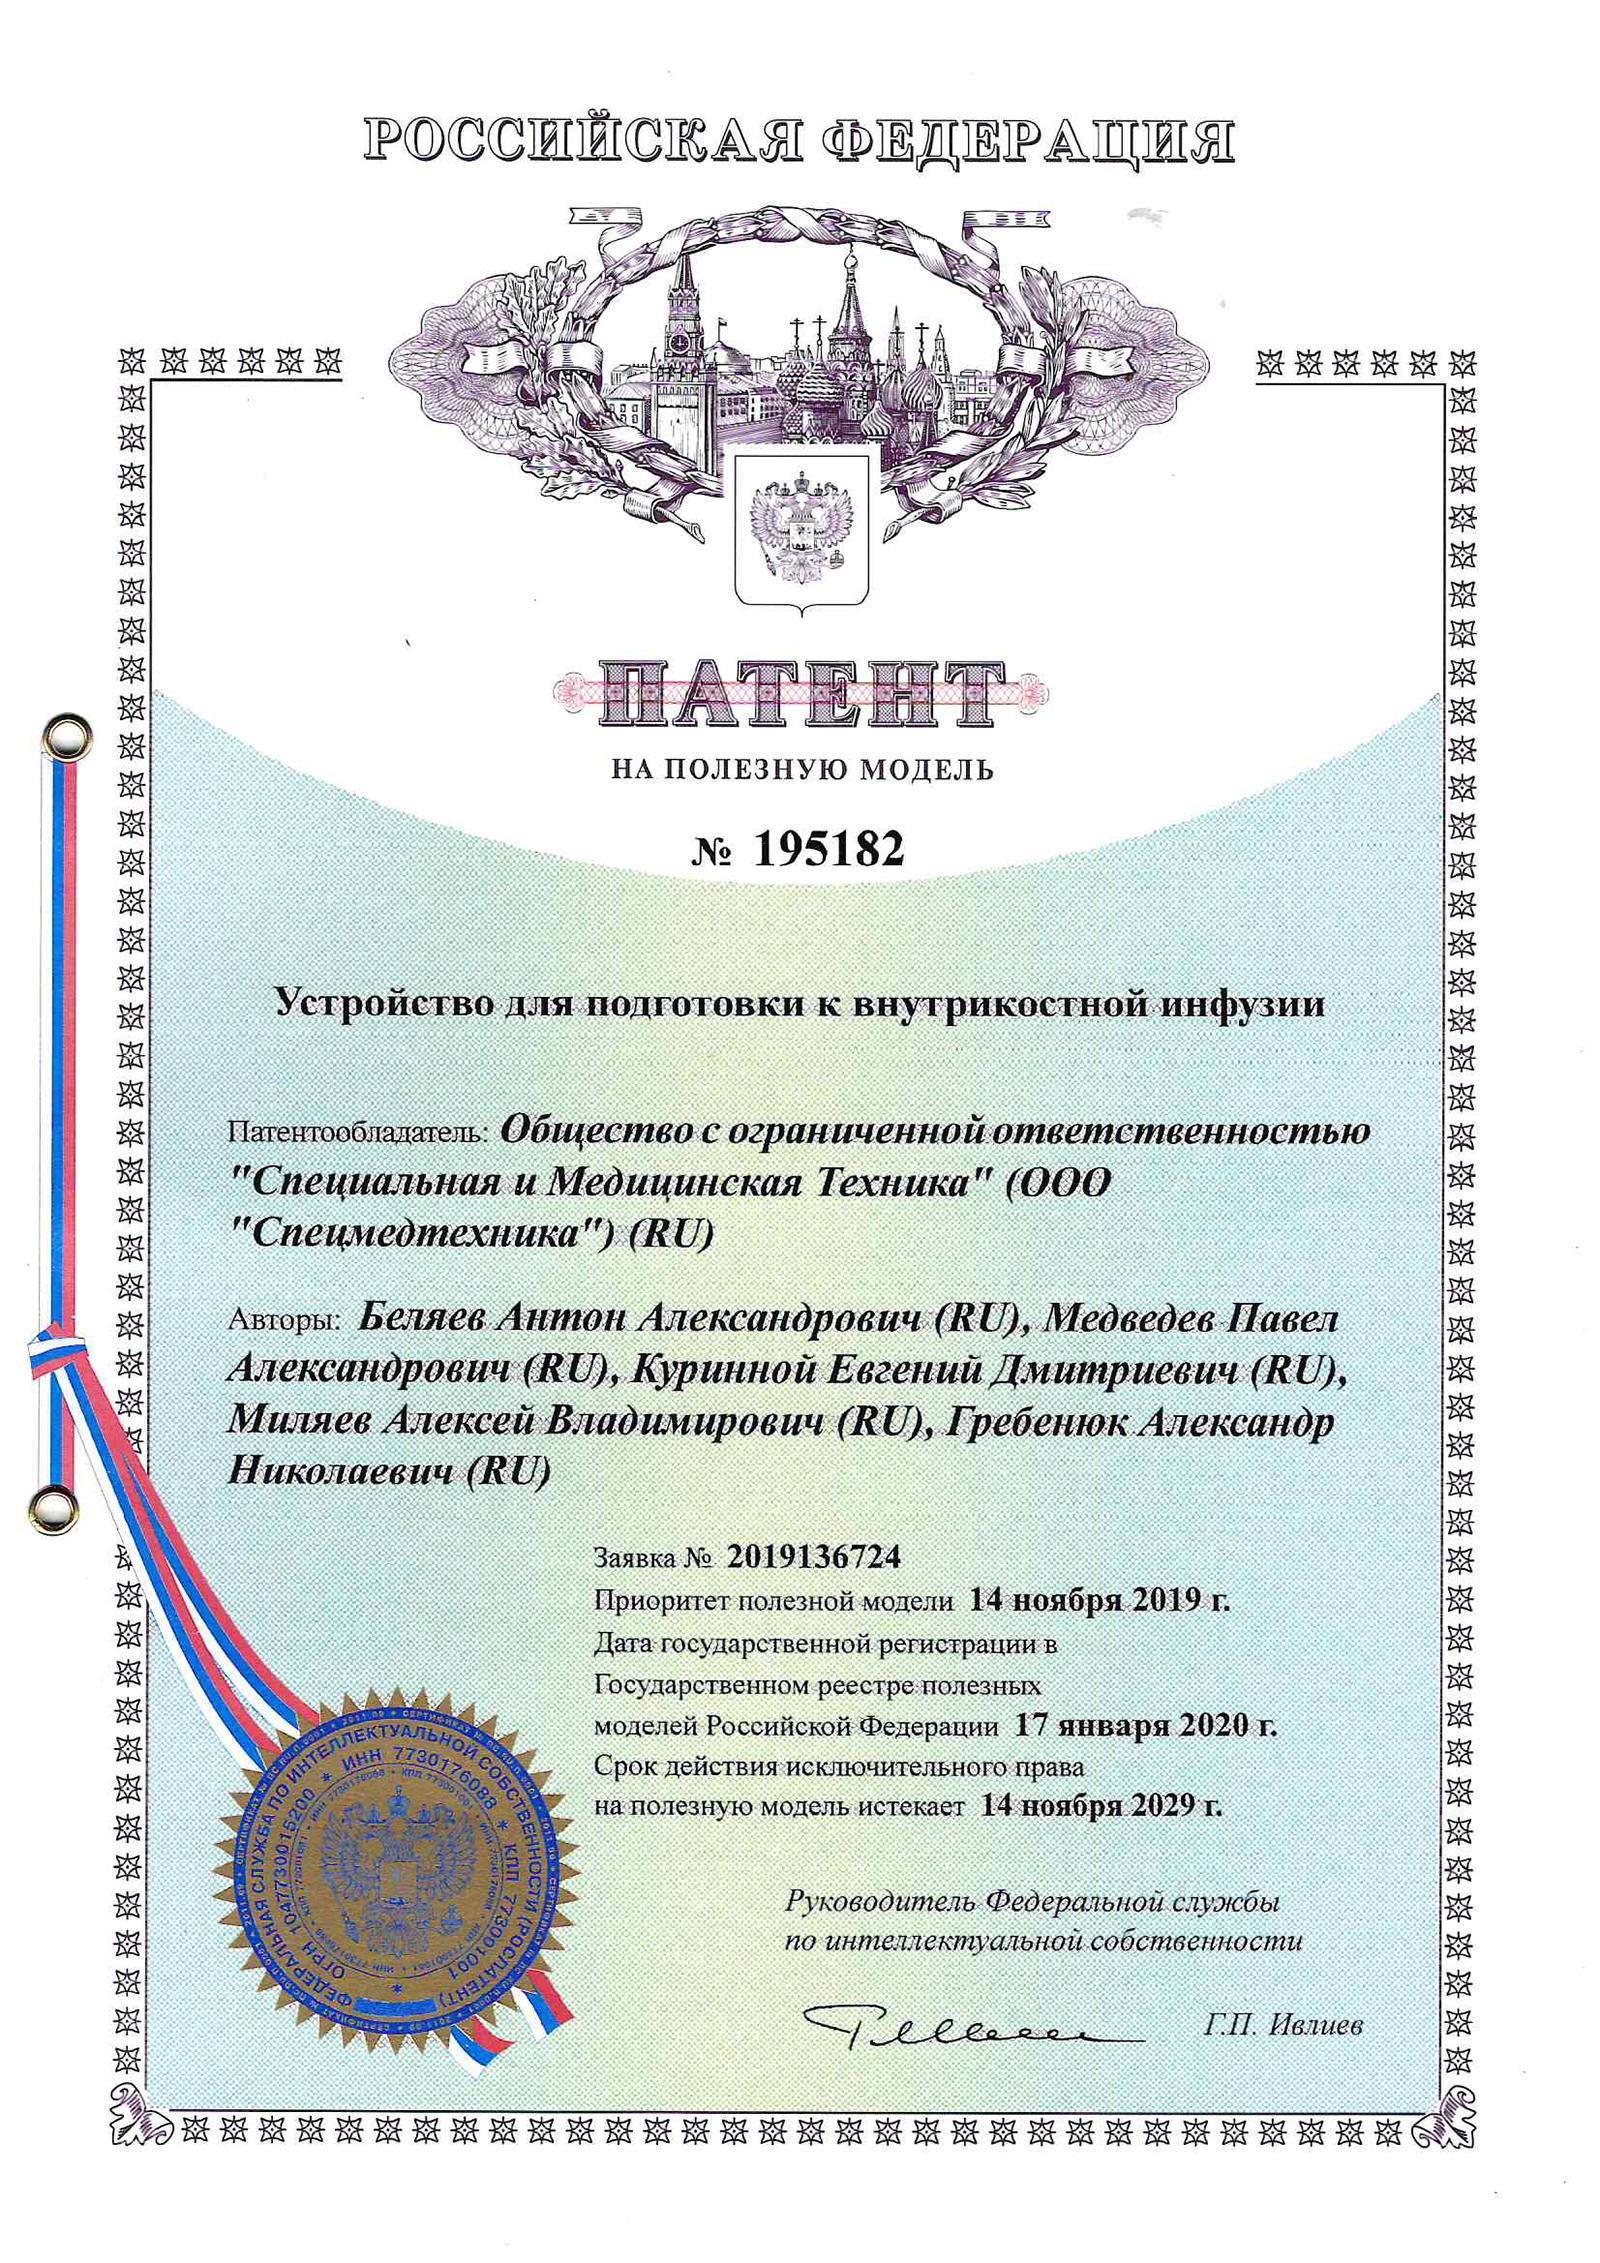 Патент на полезную модель 195182 Устройство для подготовки к внутрикостной инфузии